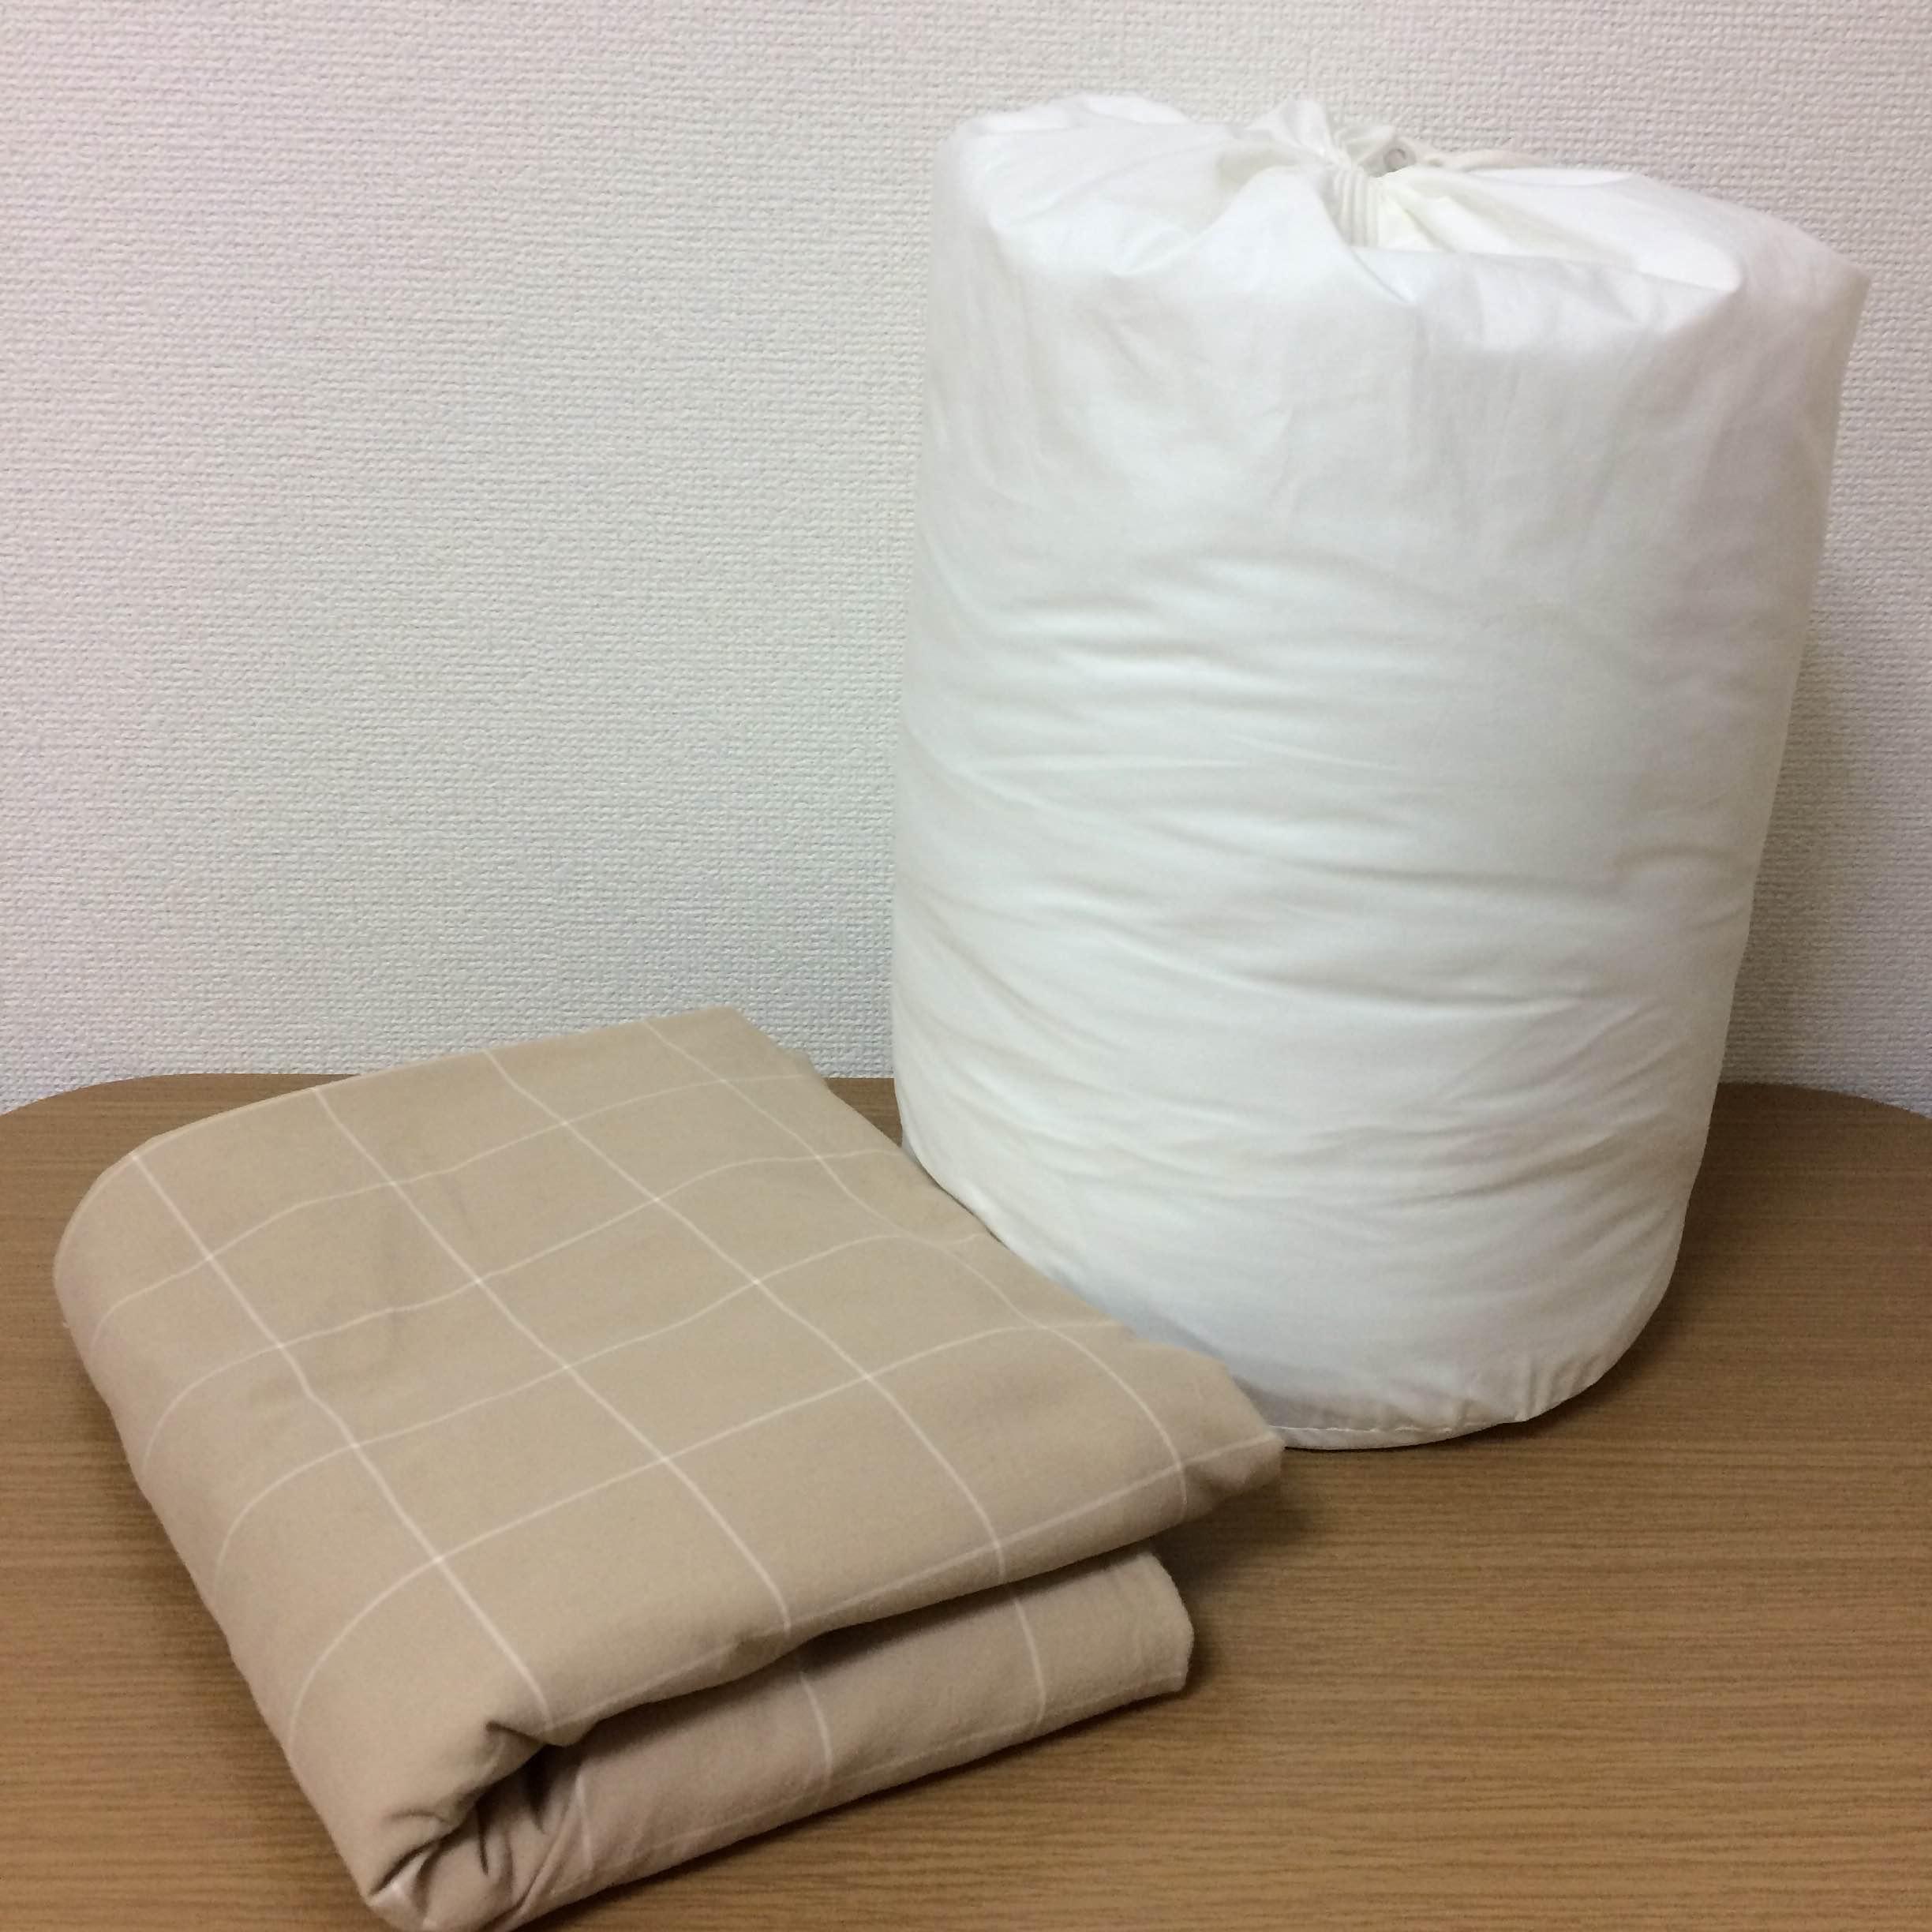 無印良品 こたつ布団 カバー セット